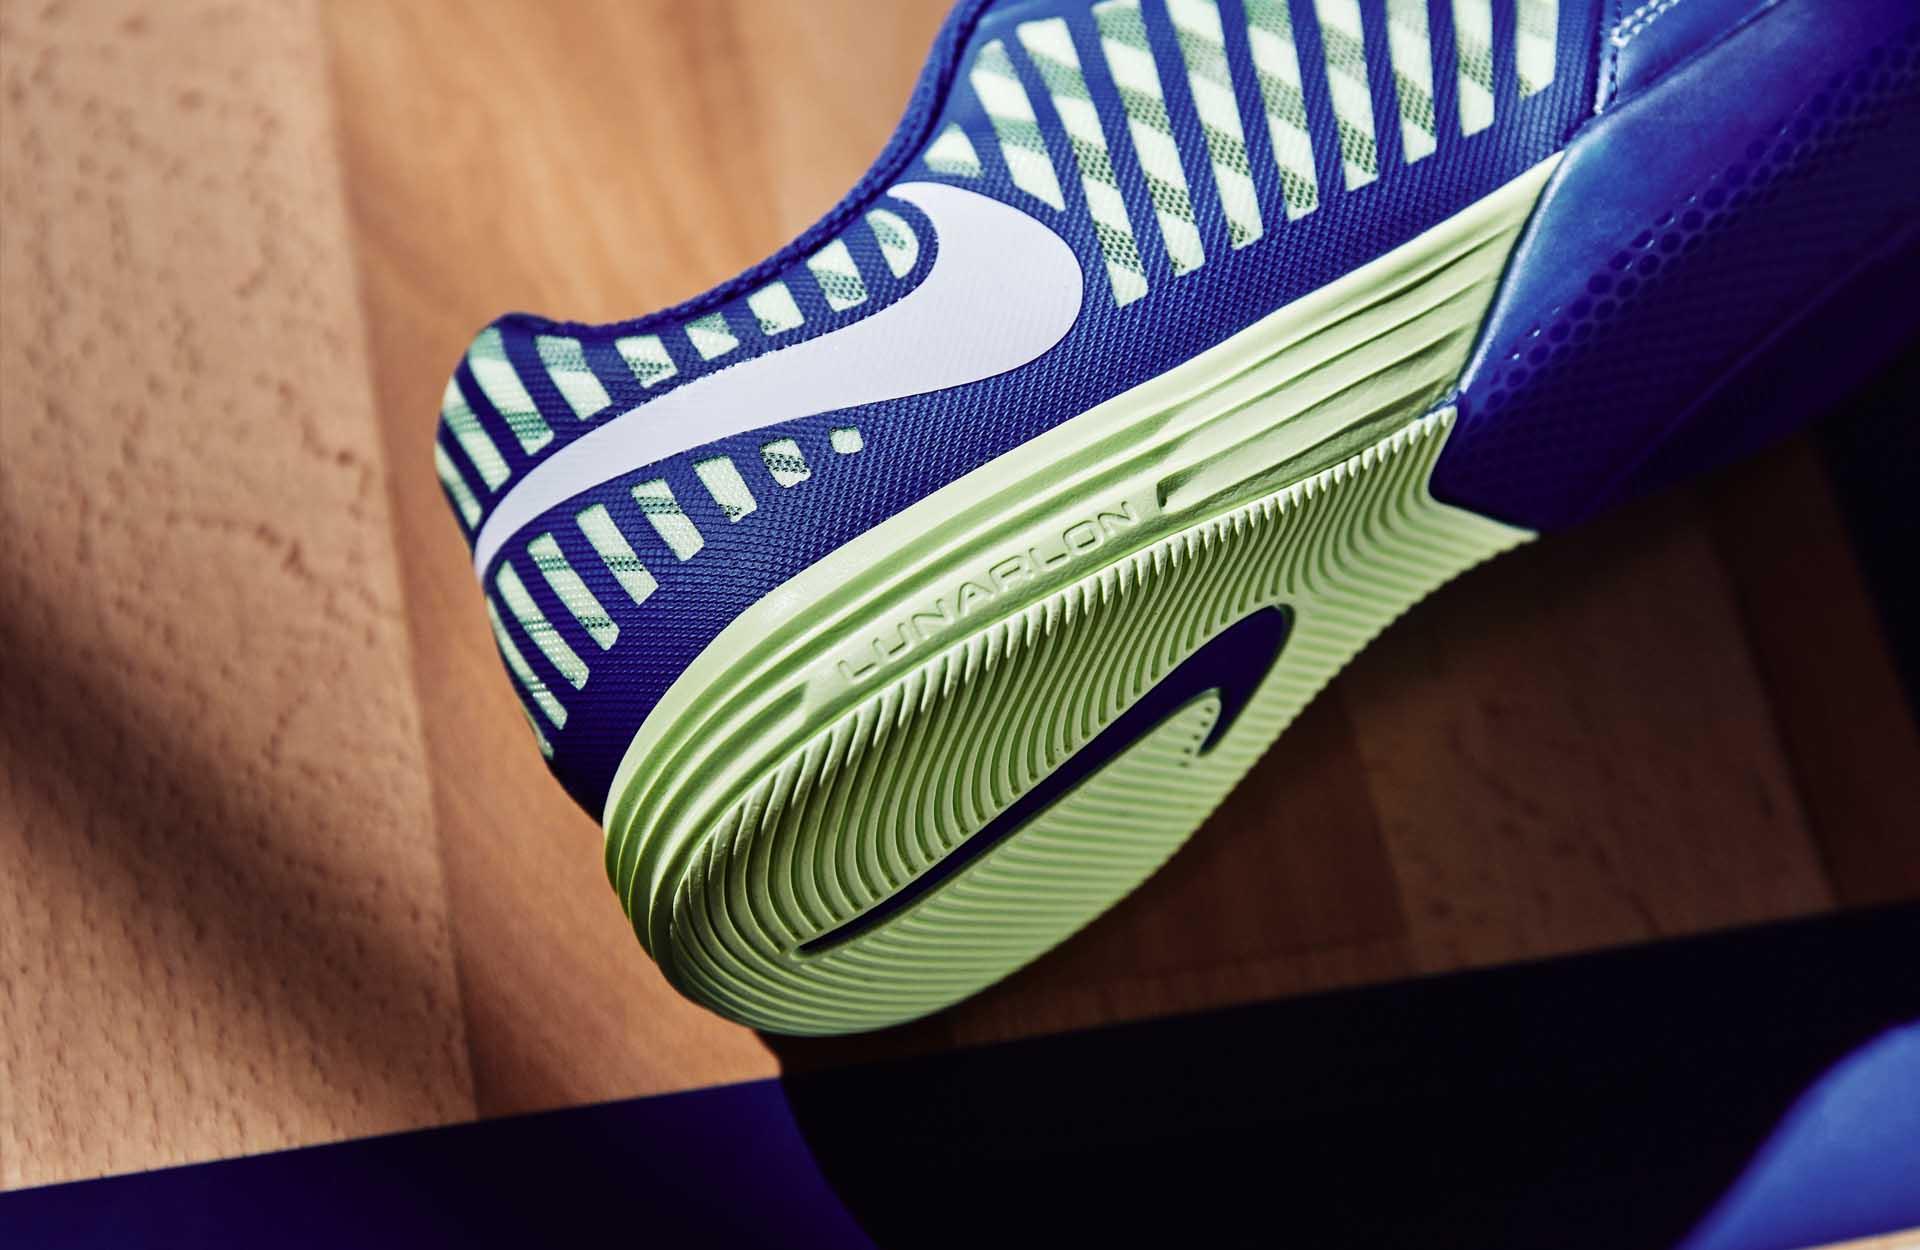 Giày bóng đá đinh IC đế dày sẽ mang lại sự êm chân và bảo vệ đôi chân của bạn